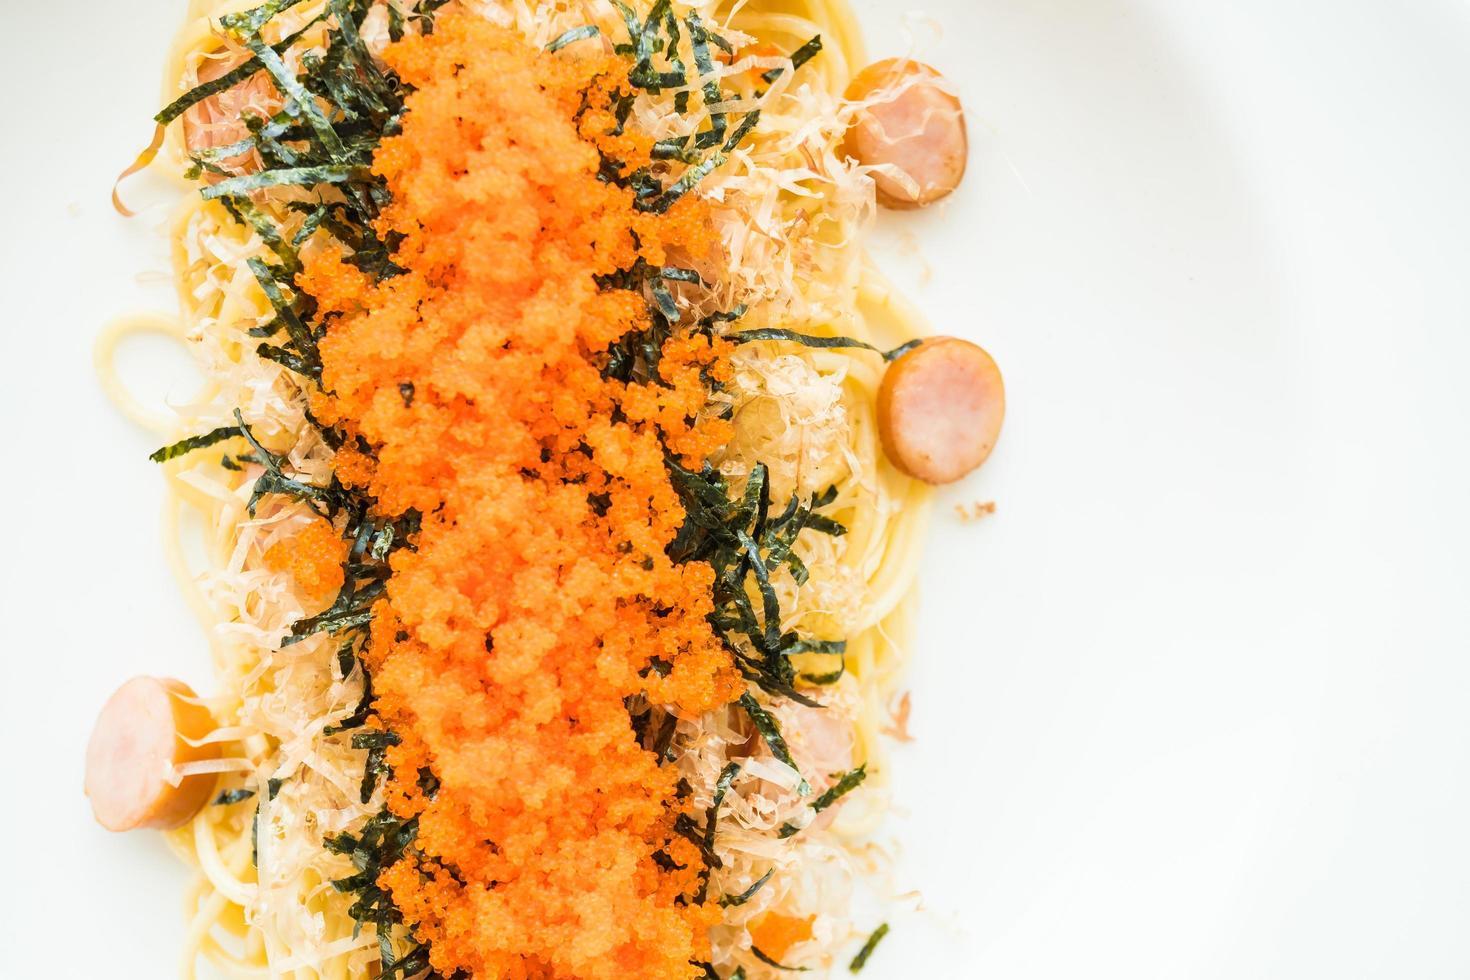 spaghetti aux saucisses, oeuf de crevettes, algues, calamars secs sur le dessus photo